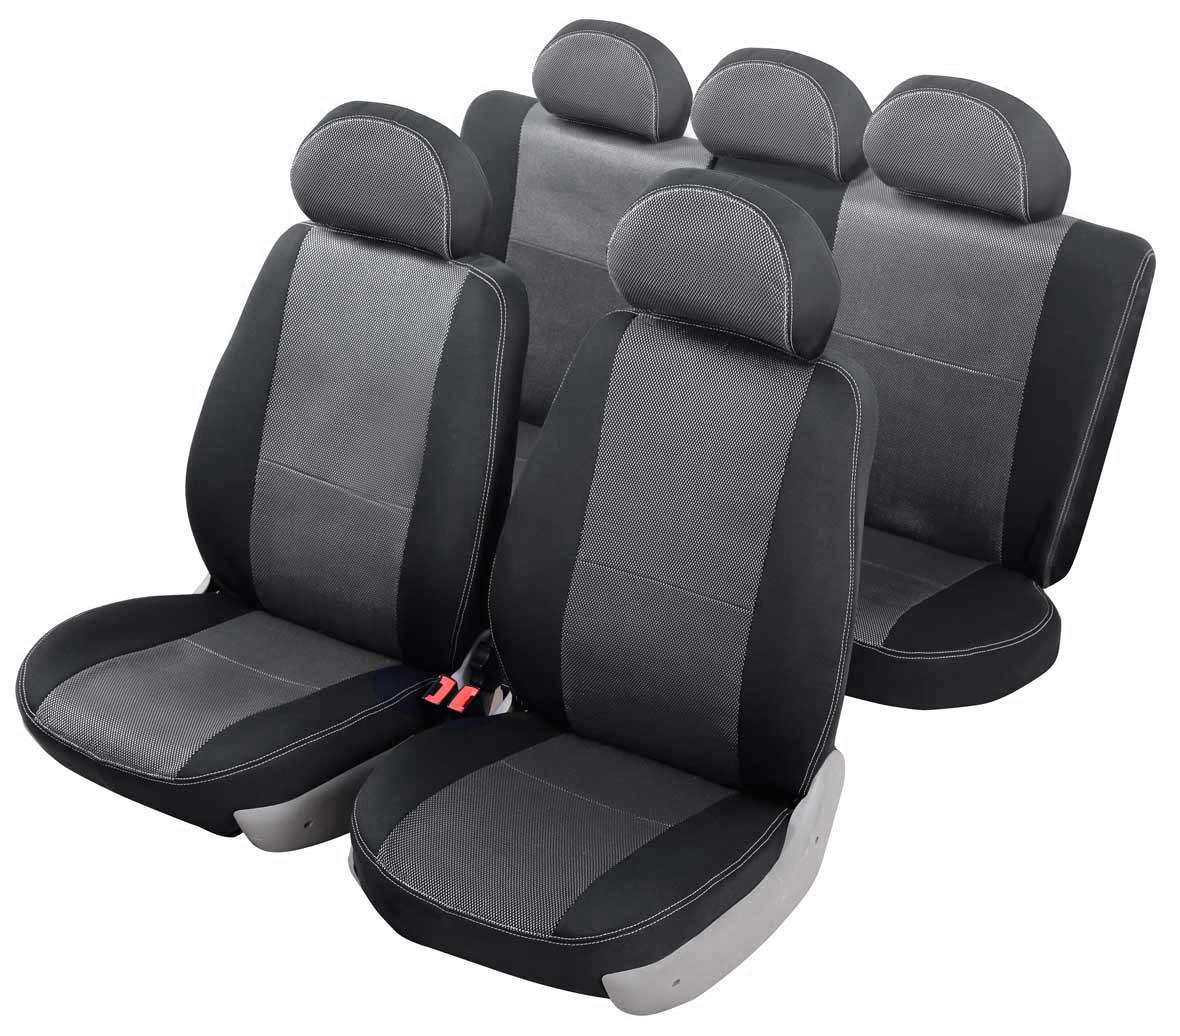 Чехол на автомобильное кресло Senator Dakkar NISSAN QASHQAI 2006-н.в. 5 мест, цвет: черныйS3010201Разработаны в РФ индивидуально для каждой модели автомобиля. Чехлы Senator Dakkar серийно выпускаются на собственном швейном производстве в России. Чехлы идеально повторяют штатную форму сидений и выглядят как оригинальная обивка сидений. Для простоты установки используется липучка Velcro, учтены все технологические отверстия. Чехлы сохраняют полную функциональность салона – трасформация сидений, возможность установки детских кресел ISOFIX, не препятствуют работе подушек безопасности AIRBAG и подогрева сидений. Дизайн чехлов Senator Dakkar приближен к оригинальной обивке салона. Чехлы имеют вставки из жаккарда по центру переднего сиденья и на подголовниках. Декоративная контрастная прострочка по периметру авточехлов придает стильный и изысканный внешний вид интерьеру автомобиля. Чехлы Senator Dakkar изготовлены из сверхпрочного жаккарда, триплированного огнеупорным поролоном толщиной 3 мм, за счет чего чехол приобретает дополнительную мягкость. Подложка из спандбонда сохраняет...